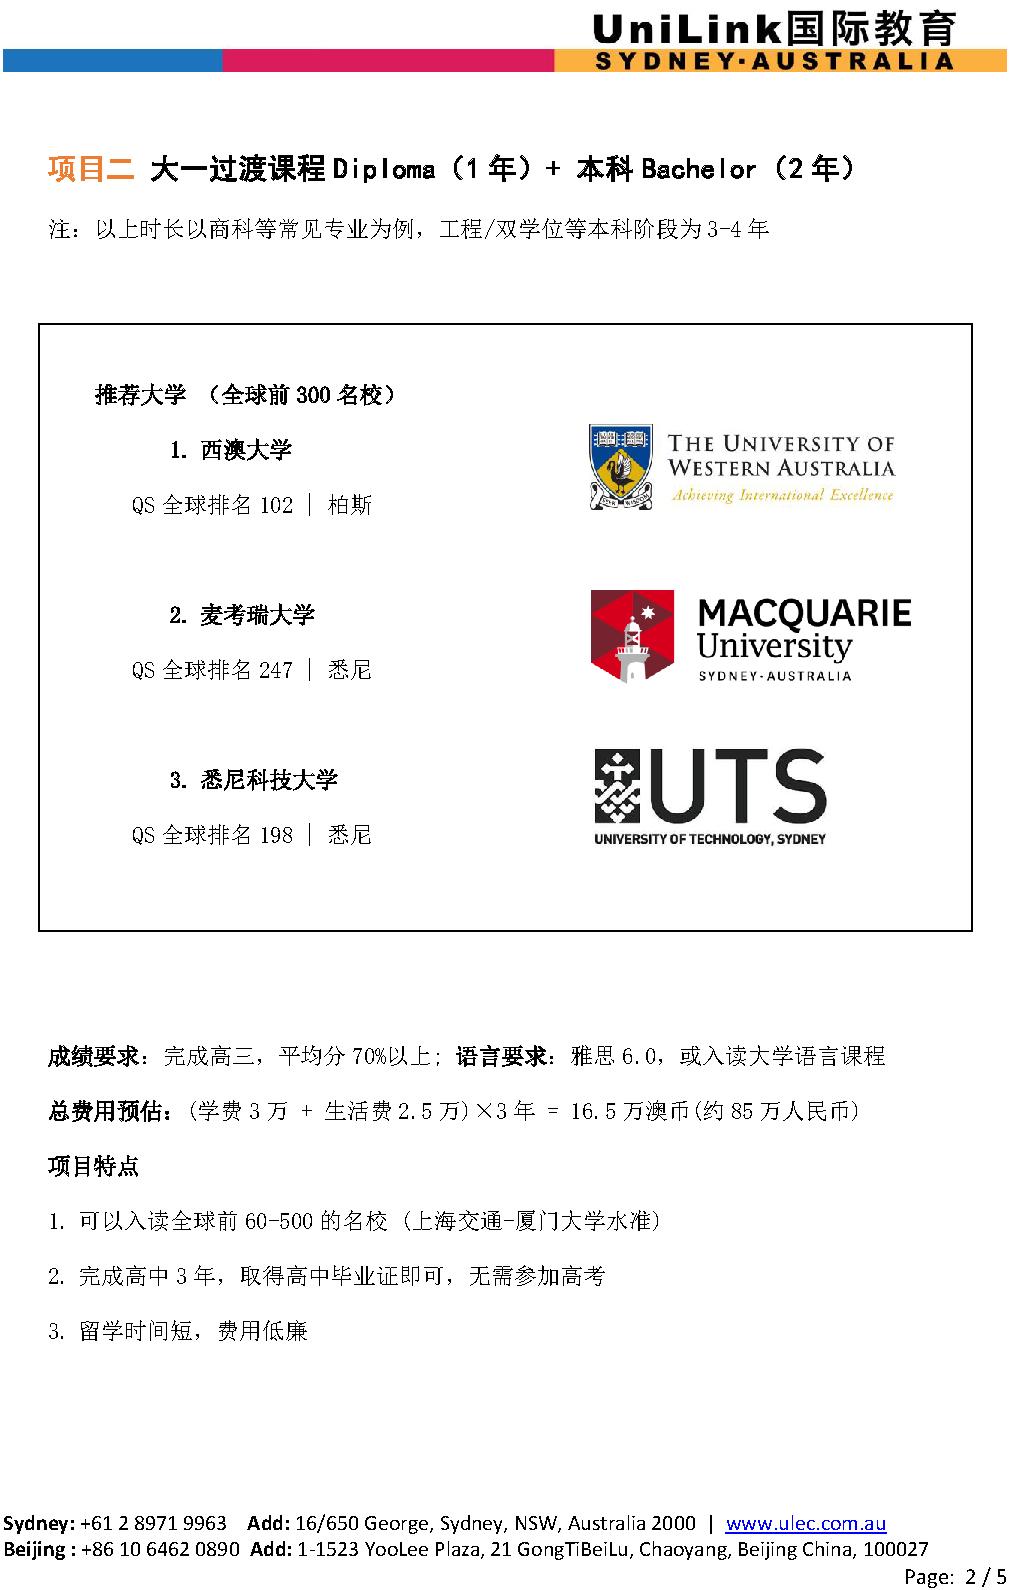 澳大利亚本科留学项目简介_Page_2